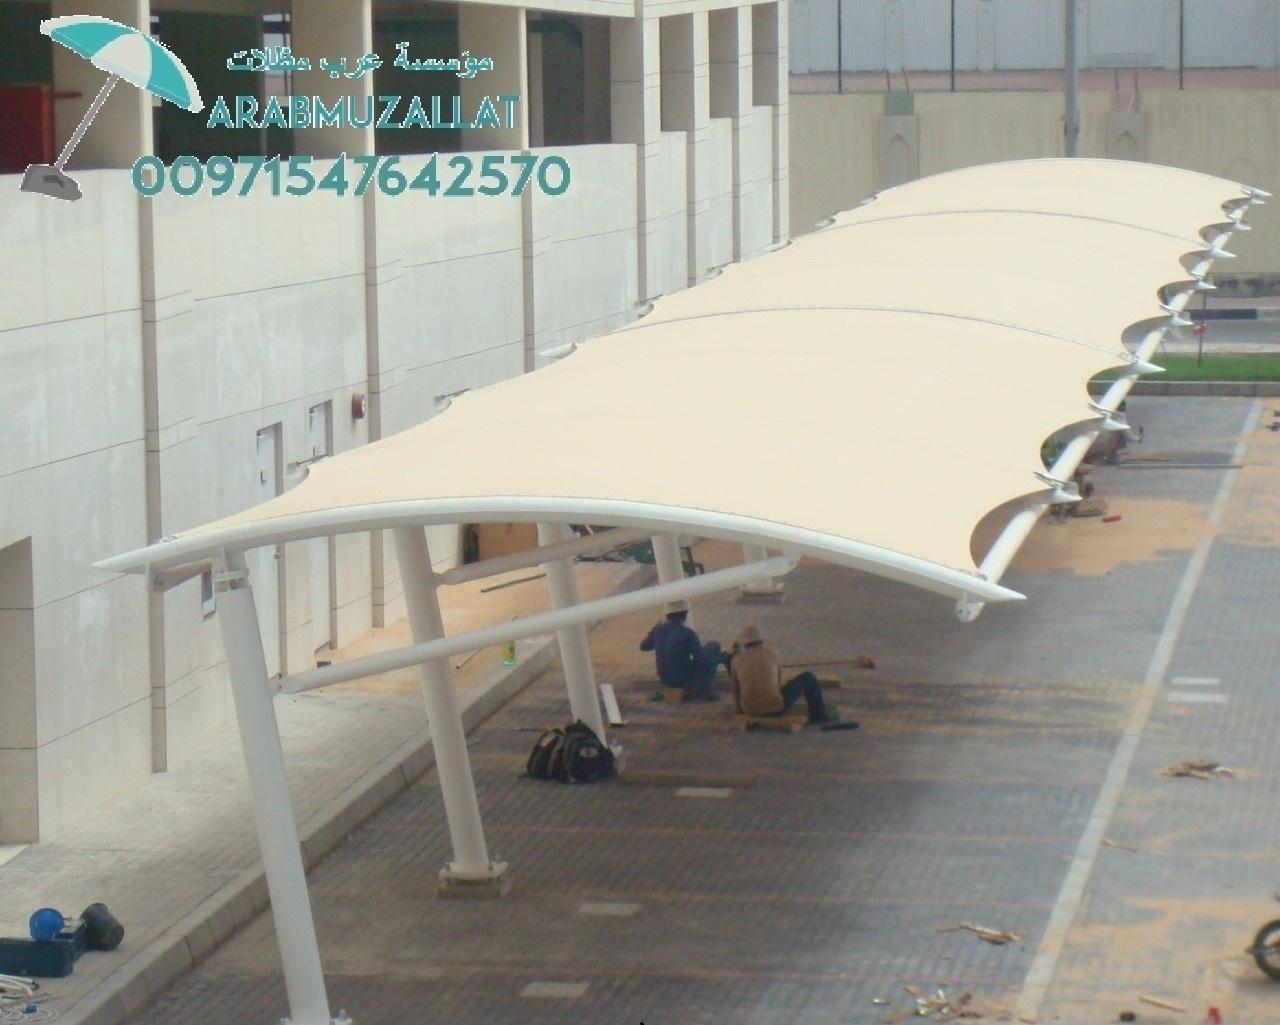 عرب مظلات للمقاولات العامة في دبي 00971547642570 561004480